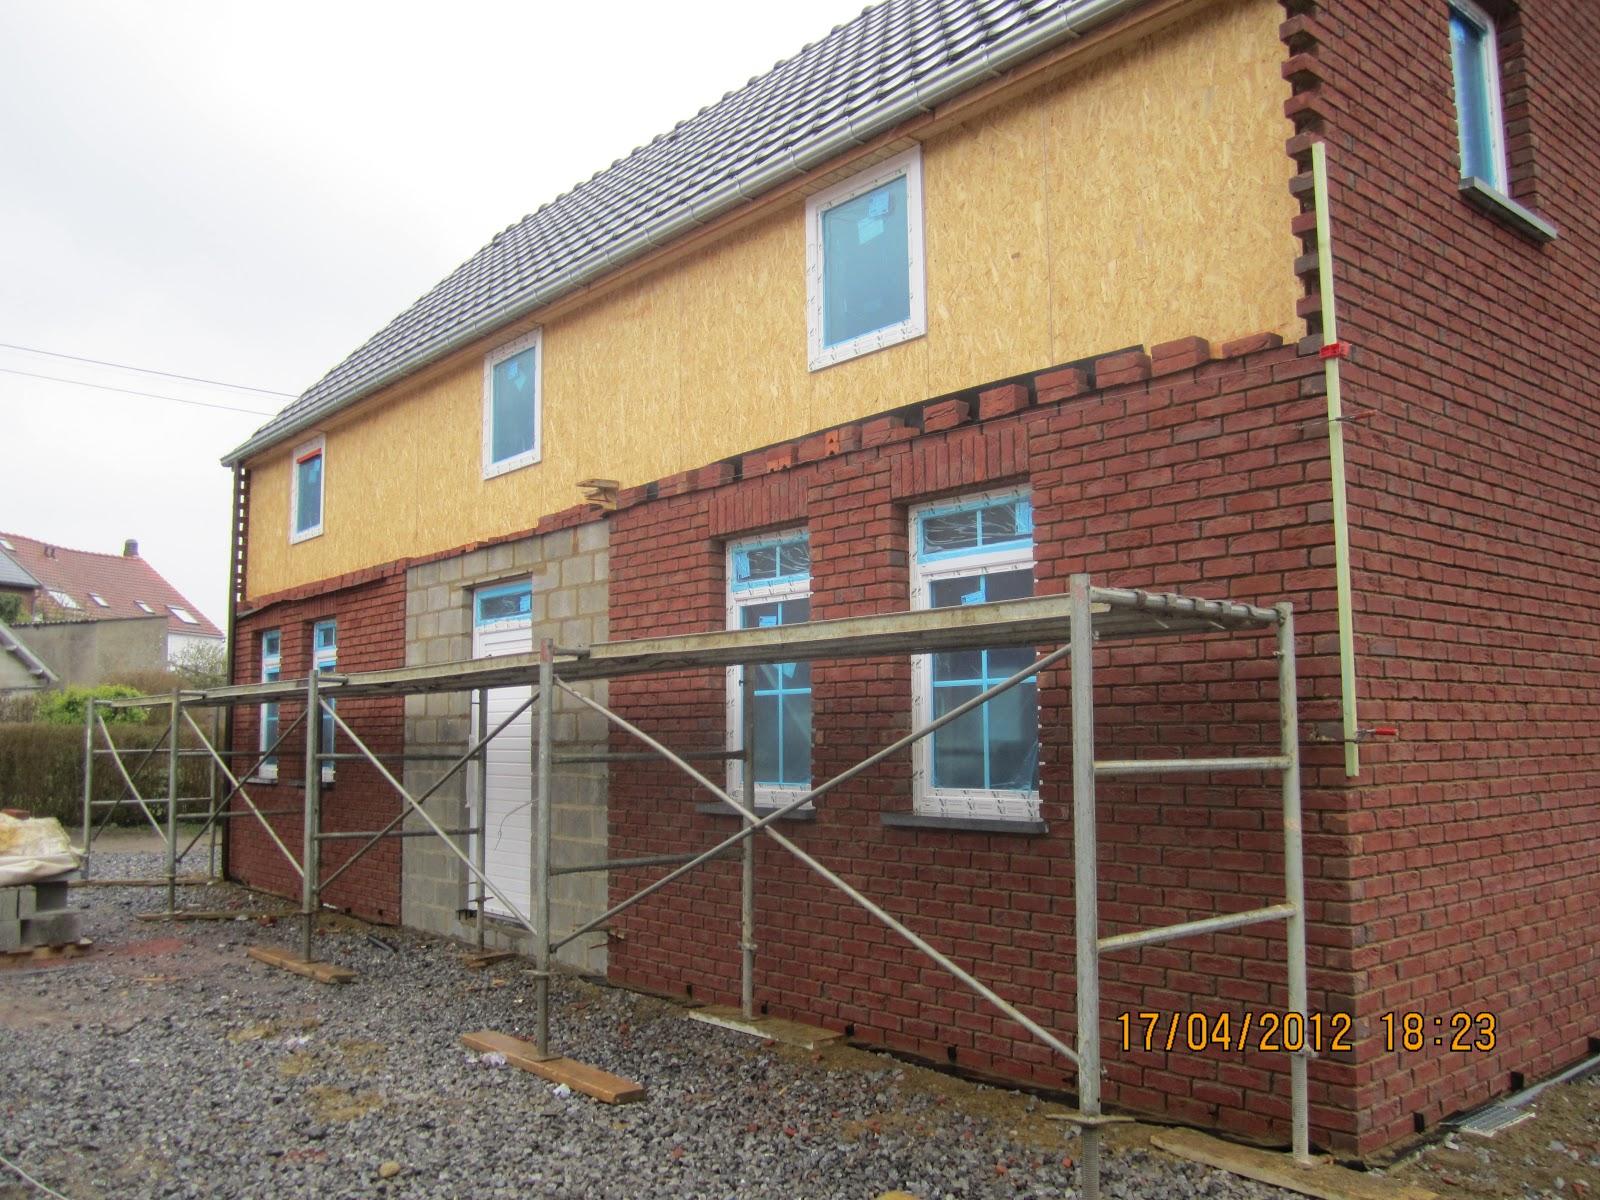 Notre maison tourinnes la grosse briques de fa ade for Brique facade maison